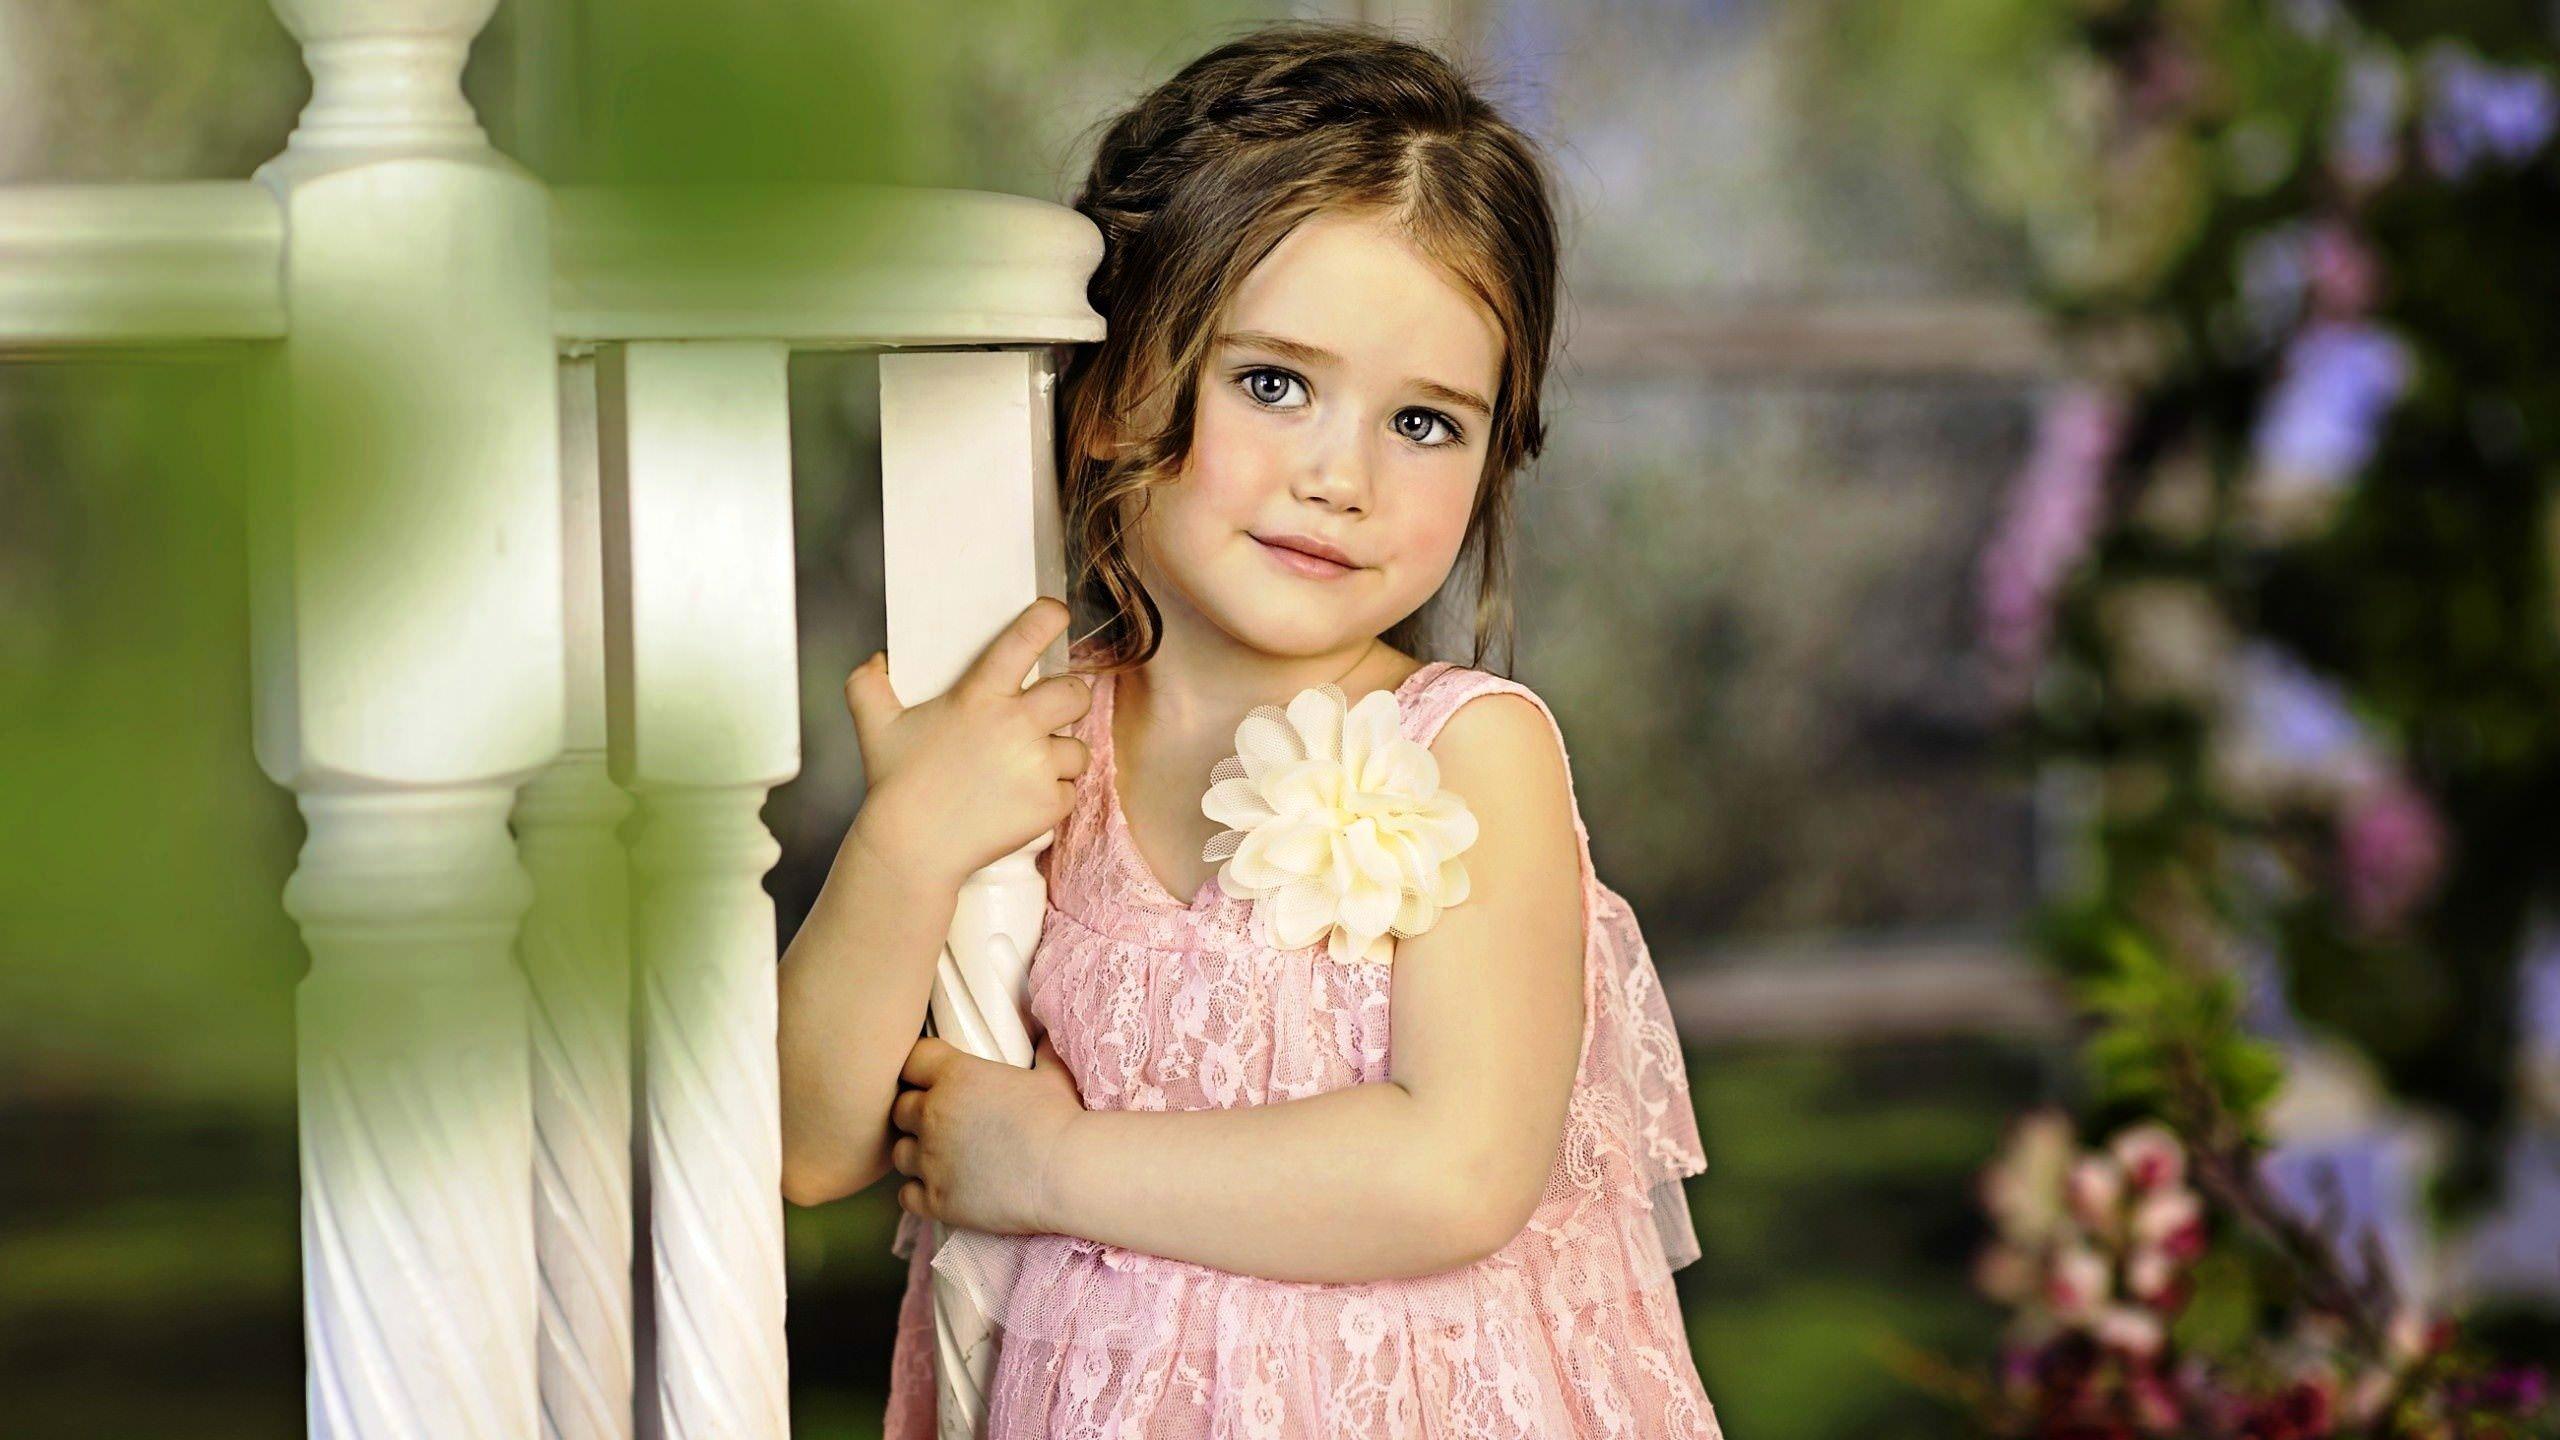 Cute Little Girl in Flower Dress Wallpaper